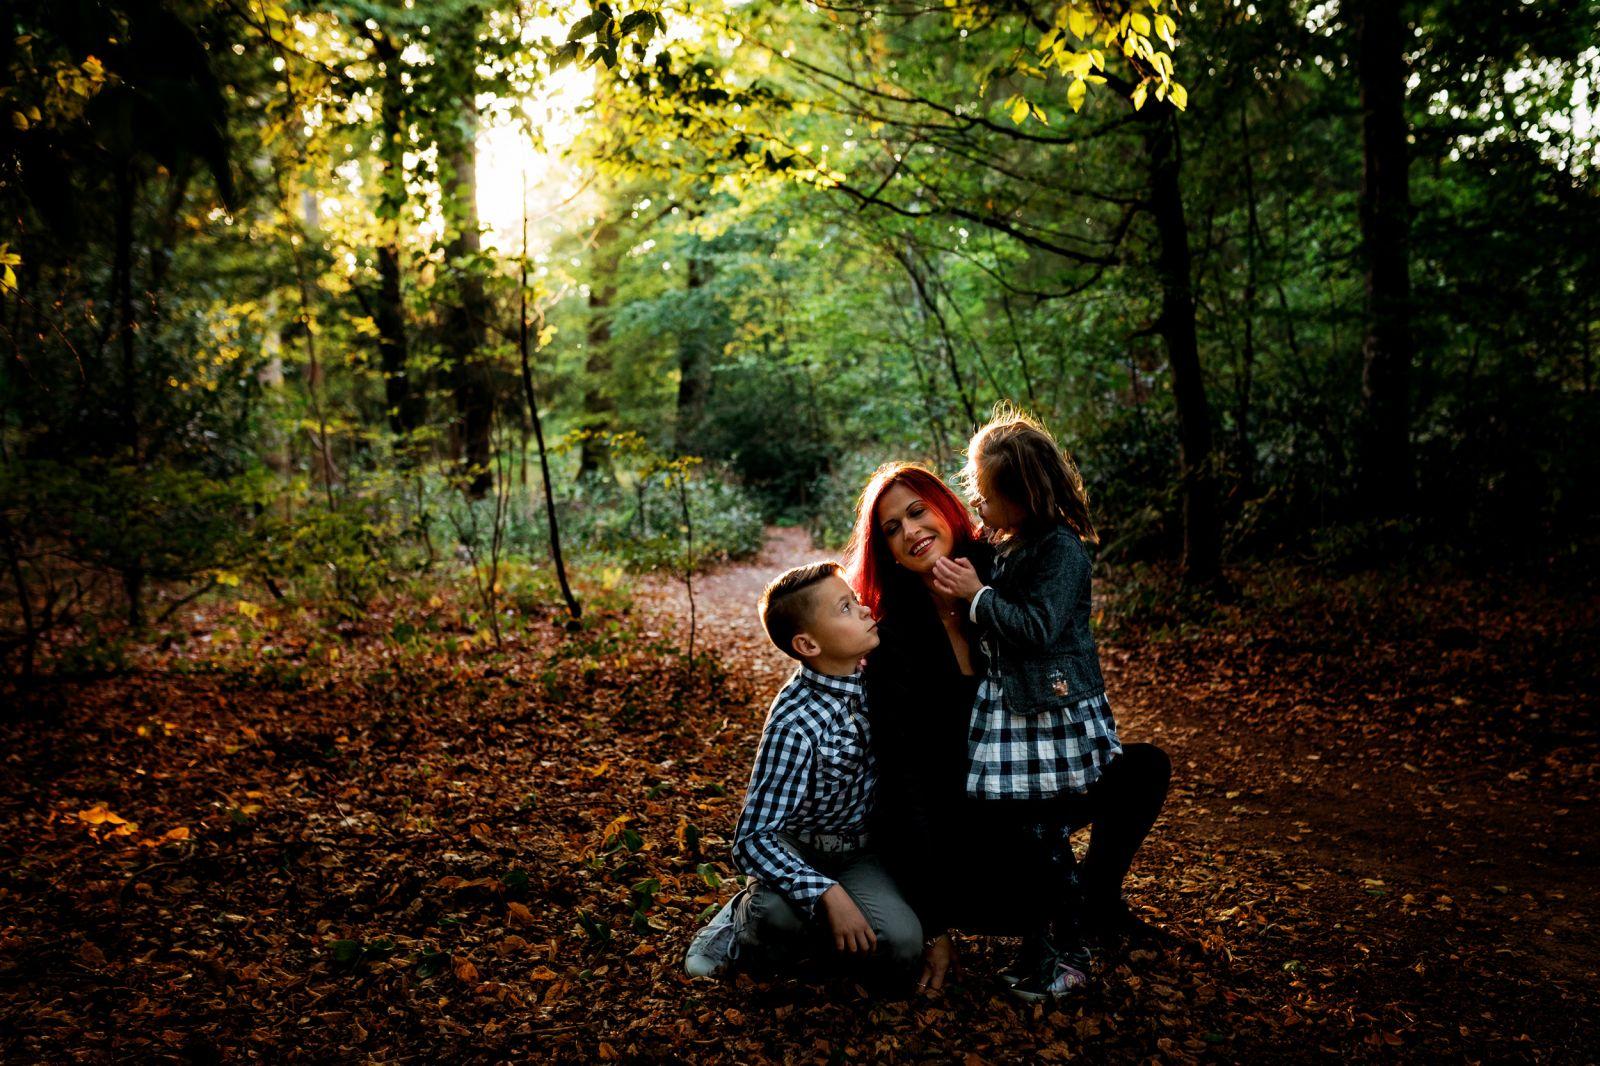 séance photos en famille enfant forêt automne haguenau